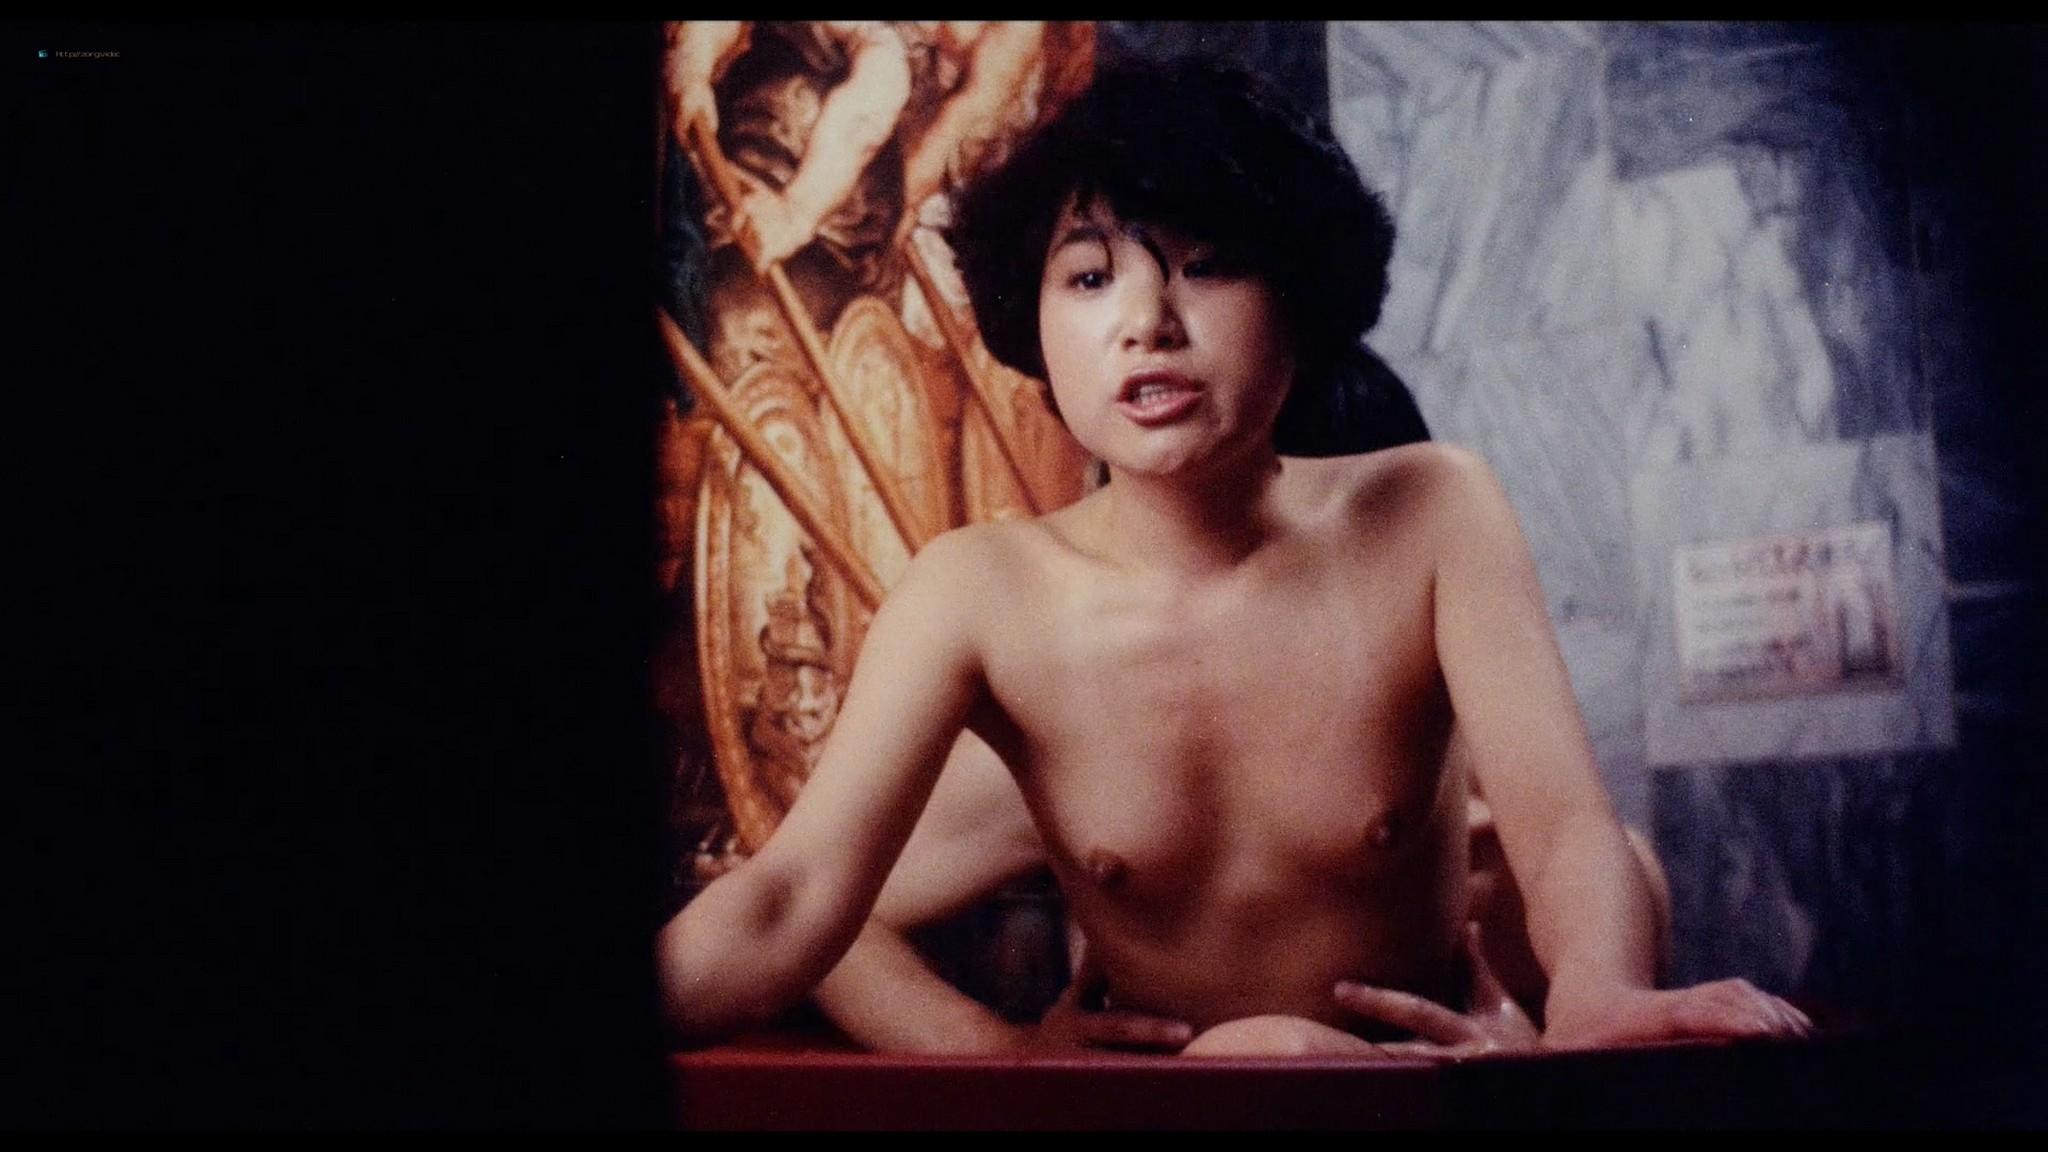 Miki Yamaji nude sex Kaoru Kaze and others nude - Abnormal Family (1984) HD 1080p BluRay (6)